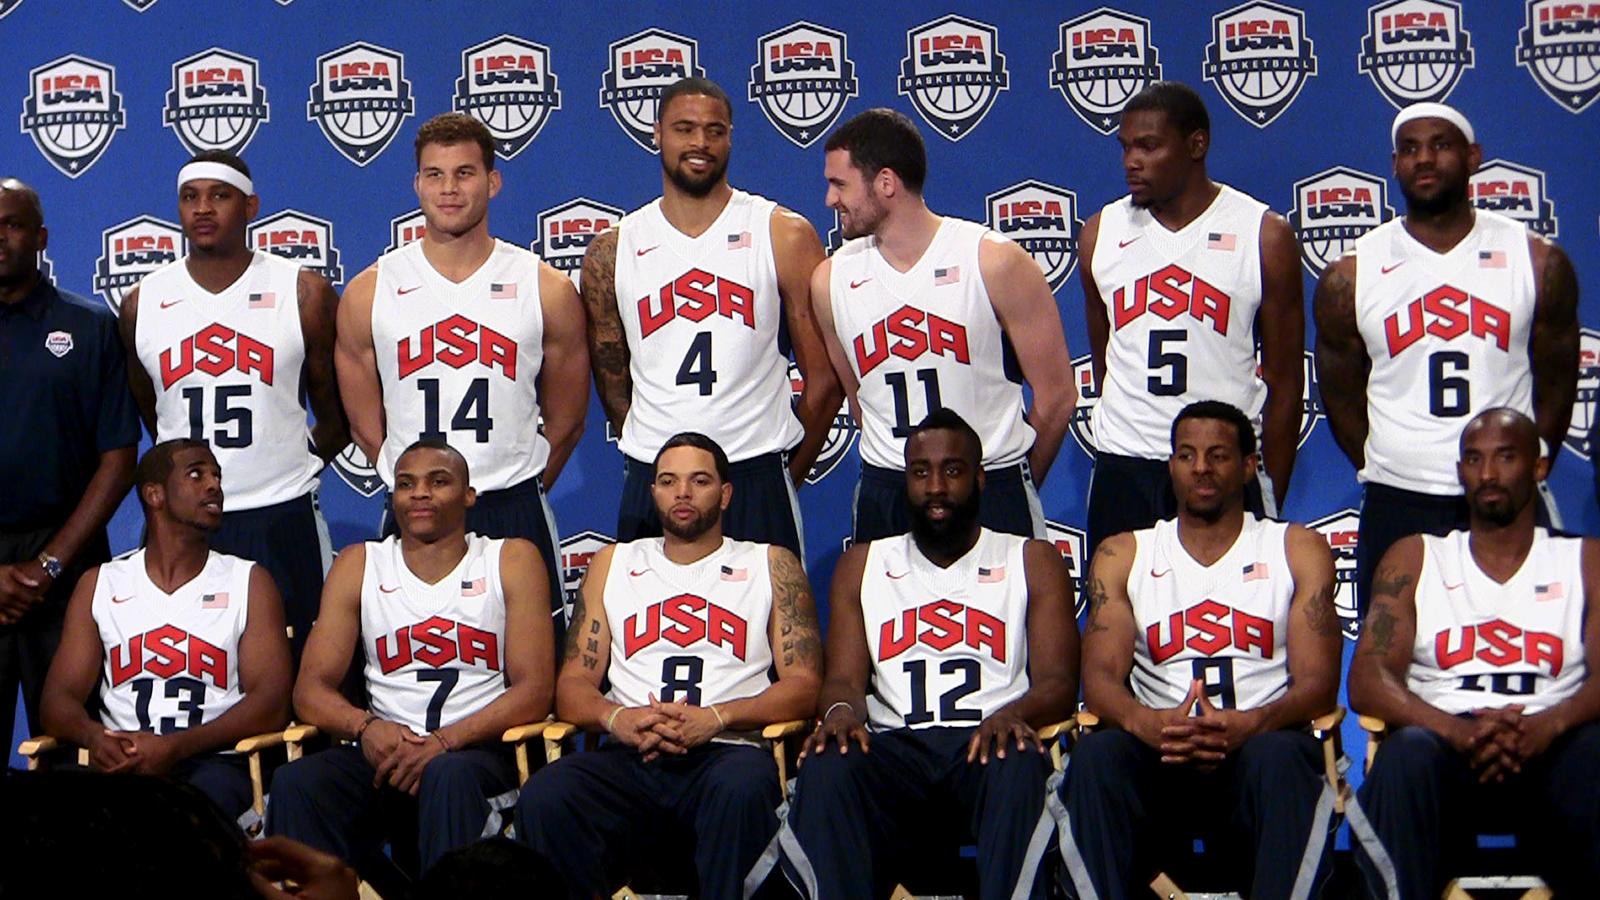 http://1.bp.blogspot.com/-WDXxCgrvI_g/T_wFWtWL6MI/AAAAAAAACkk/Fb2MwqZve70/s1600/Basketball_Team_USA_Olympics_2012_HD_Wallpaper-Vvallpaper.Net.jpg